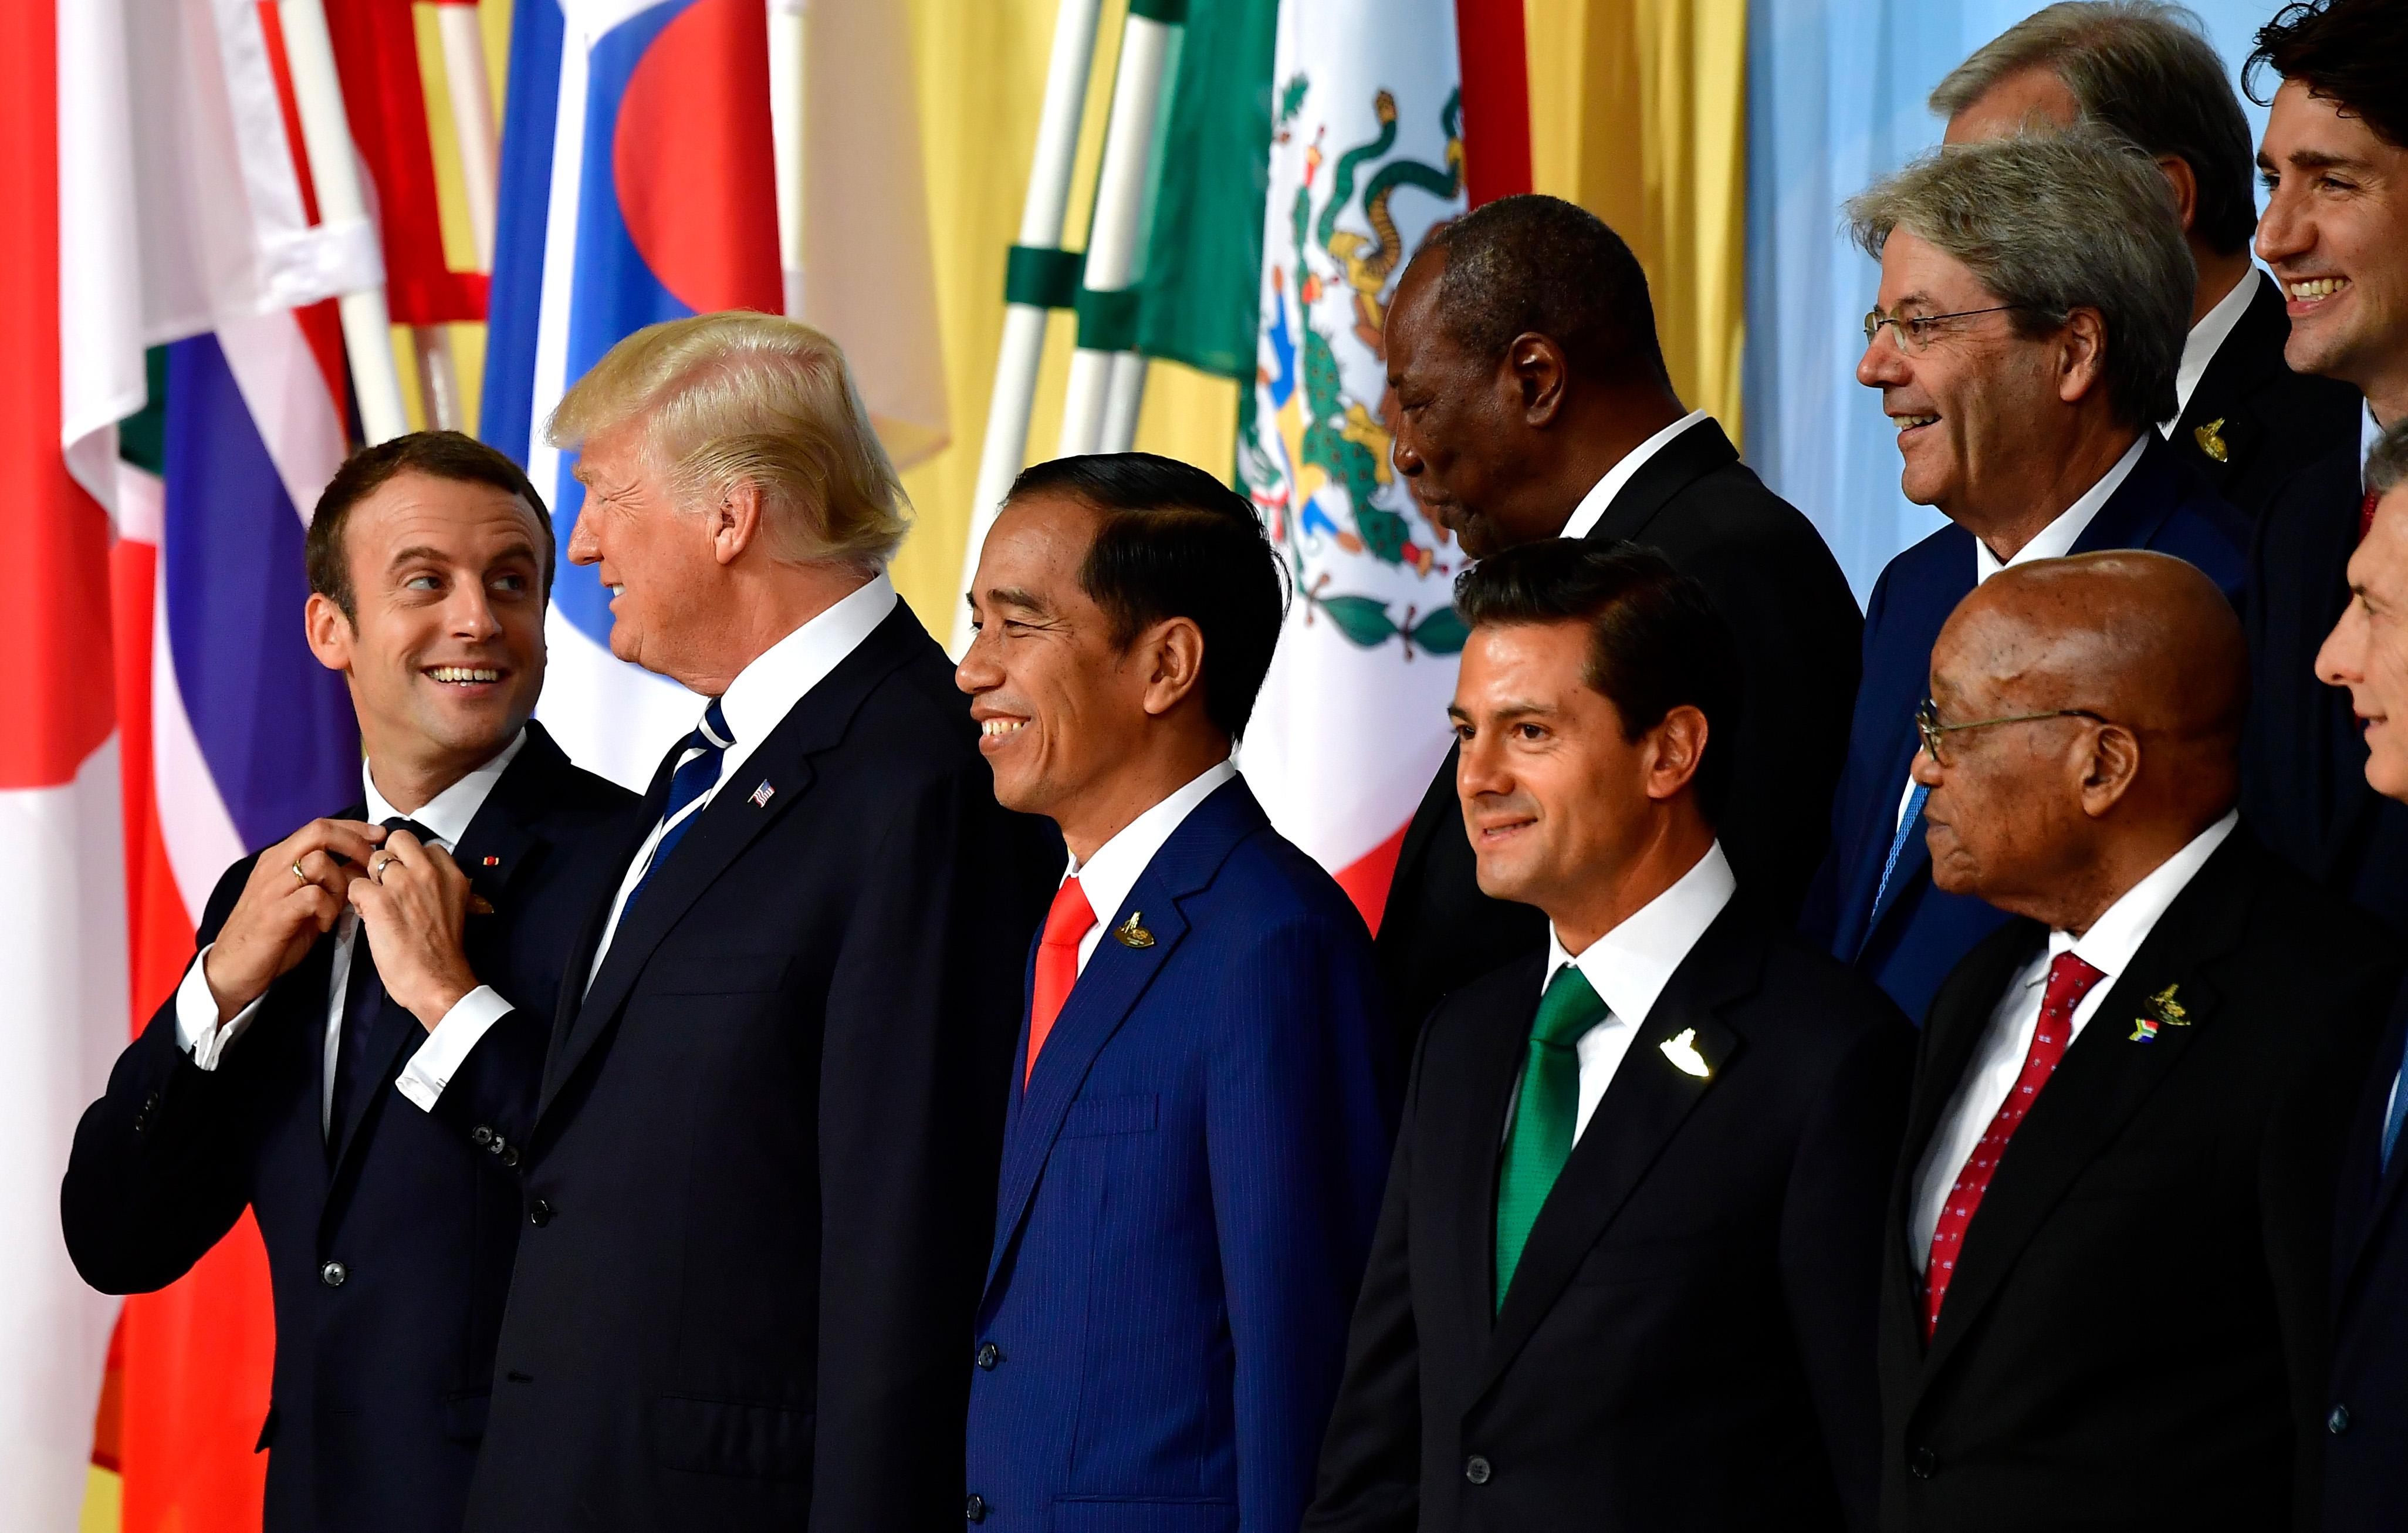 20國領袖合影時,法國總統馬克宏是G20的菜鳥,被安排在前排尾端,川普總統次之。(Getty Images)